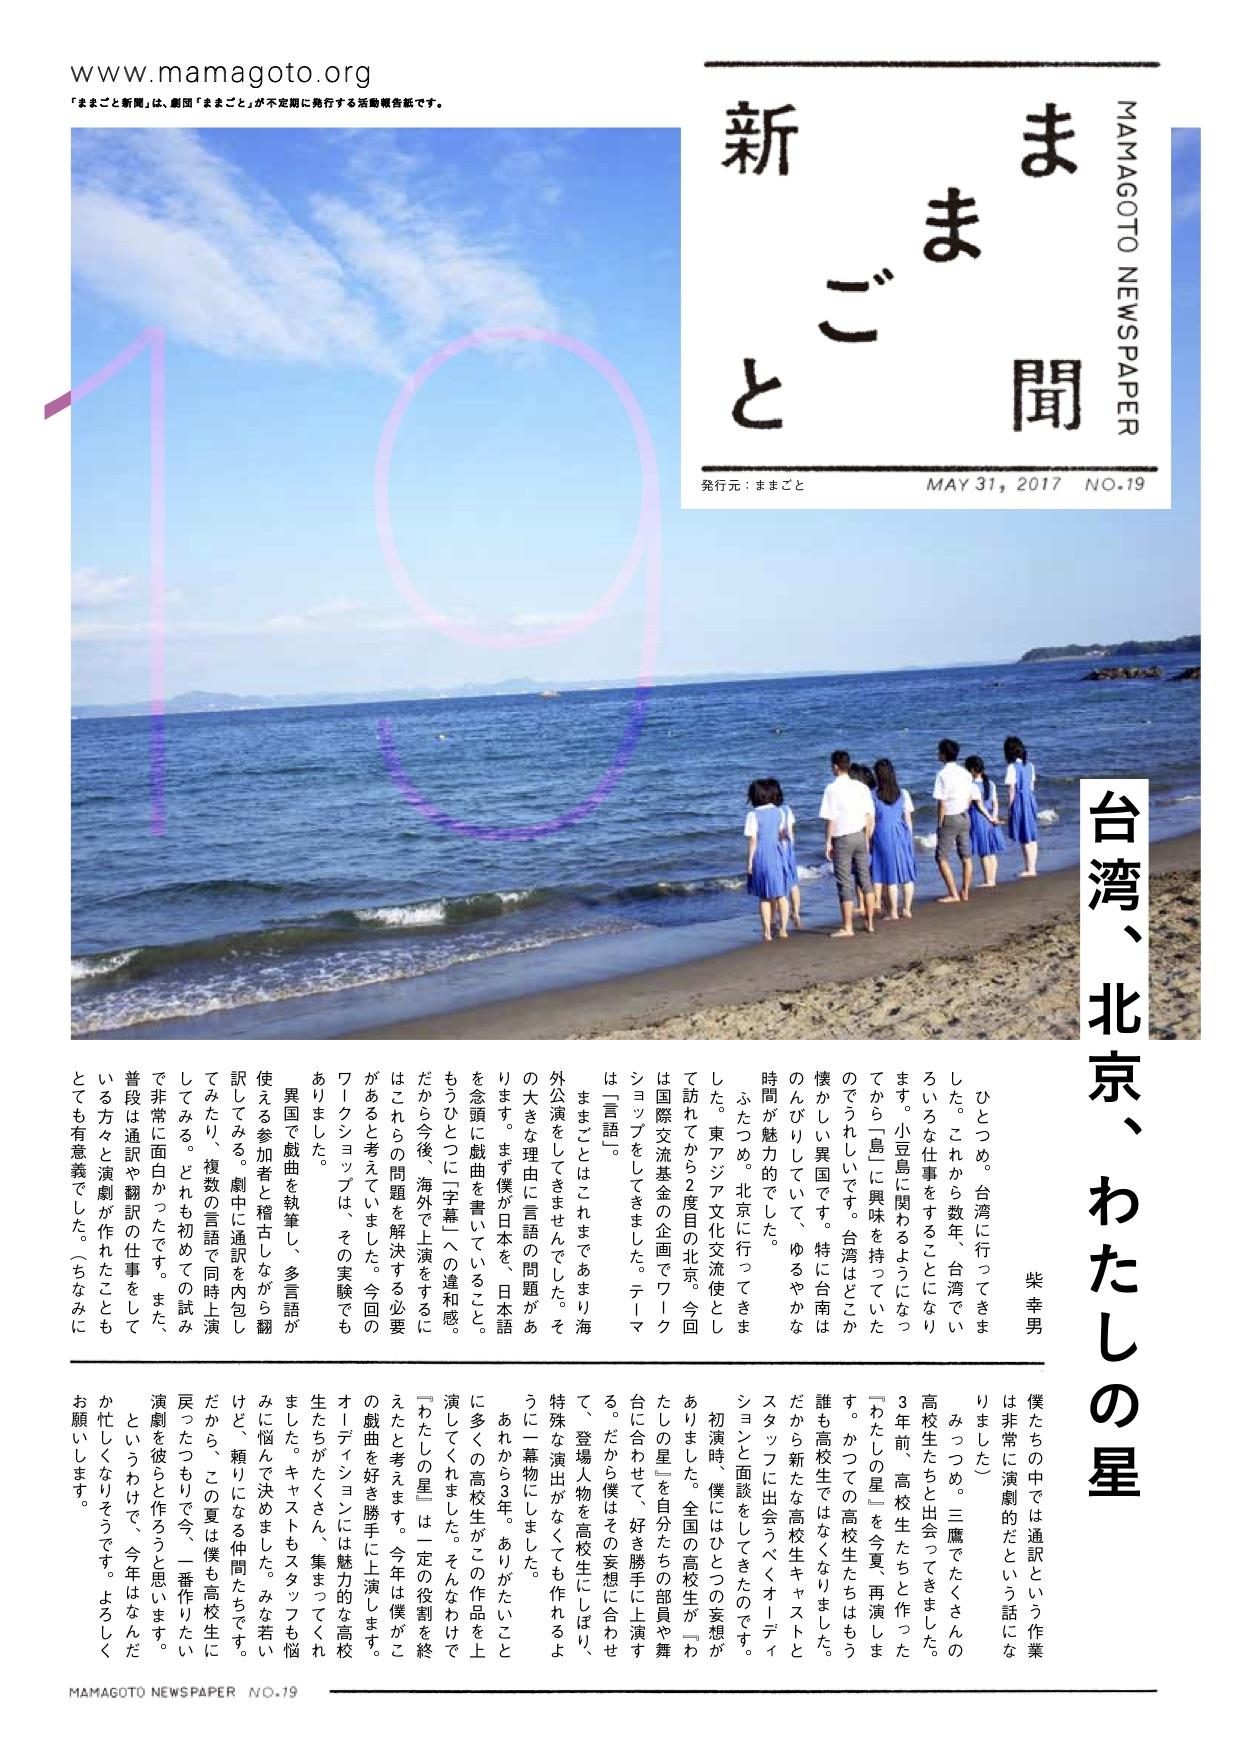 ままごとの新聞の画像